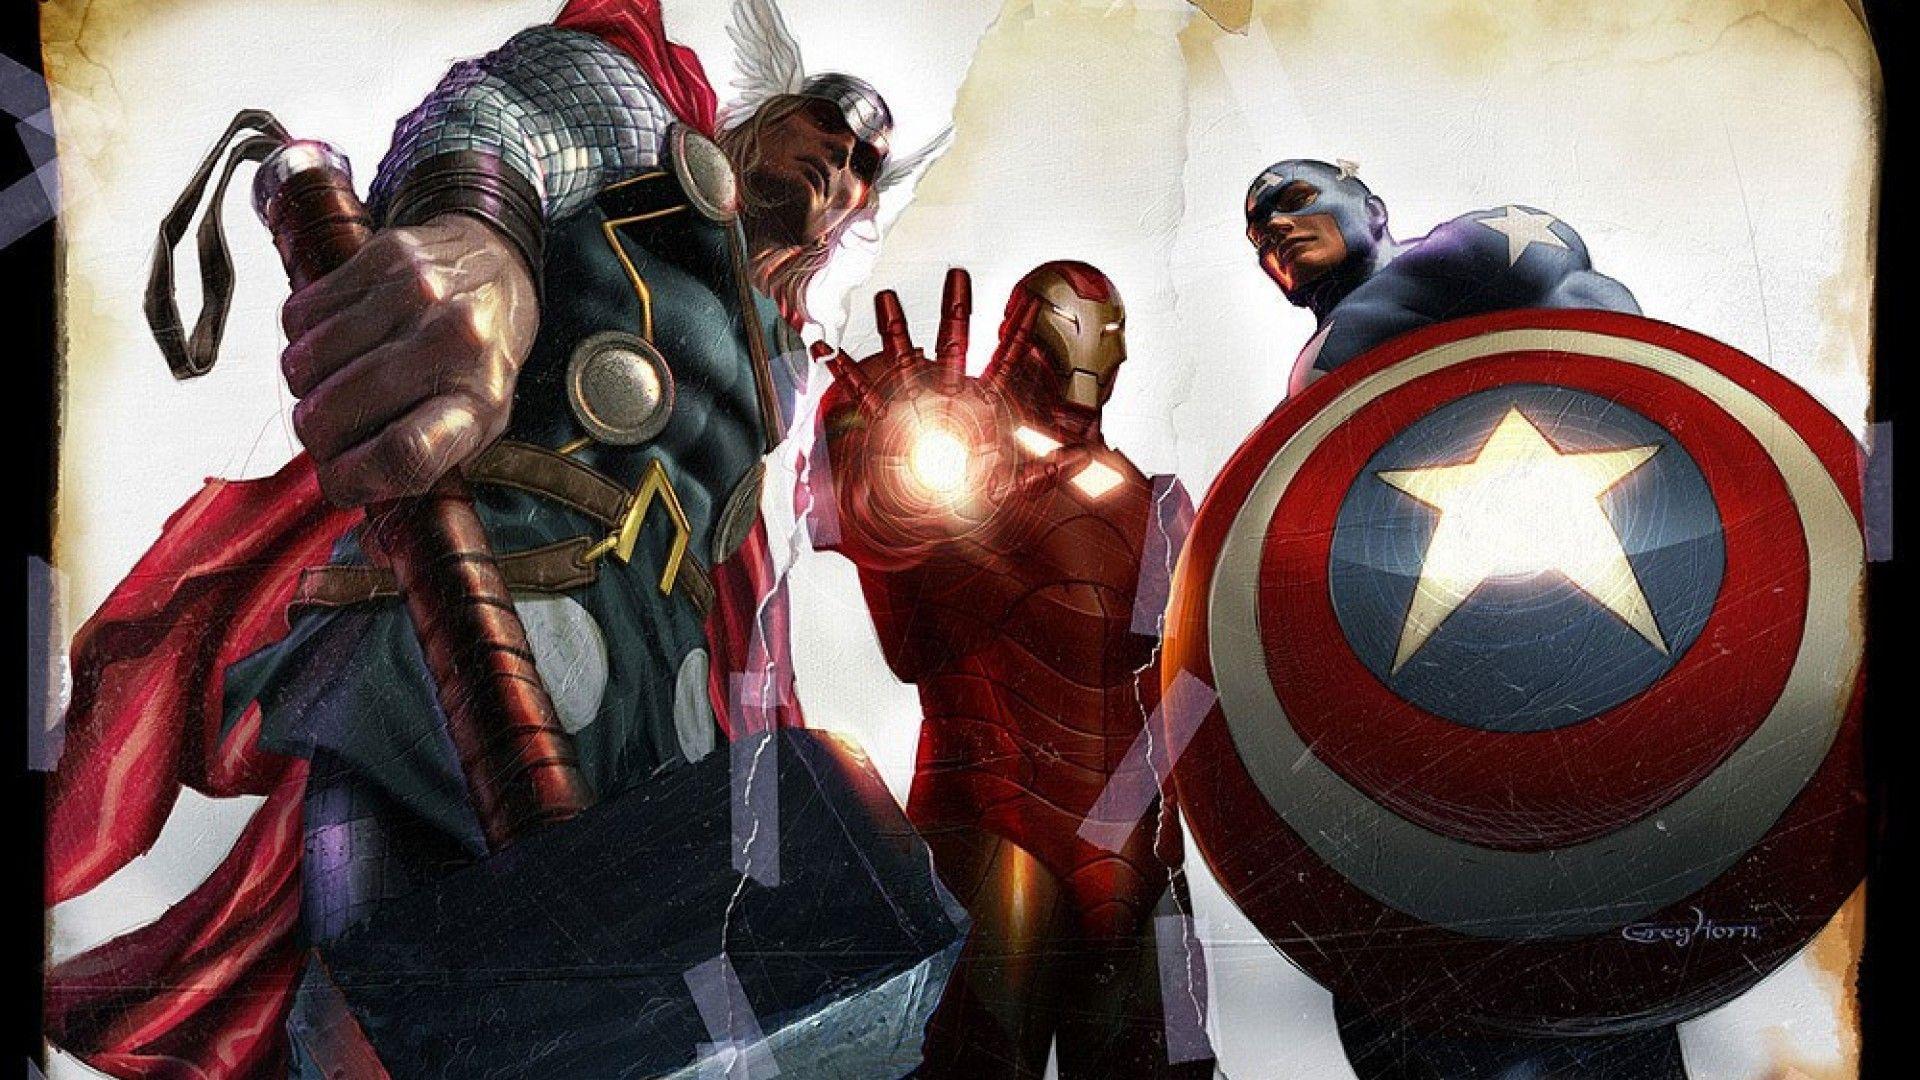 Avengers Pinterest: Avengers Comic Wallpapers